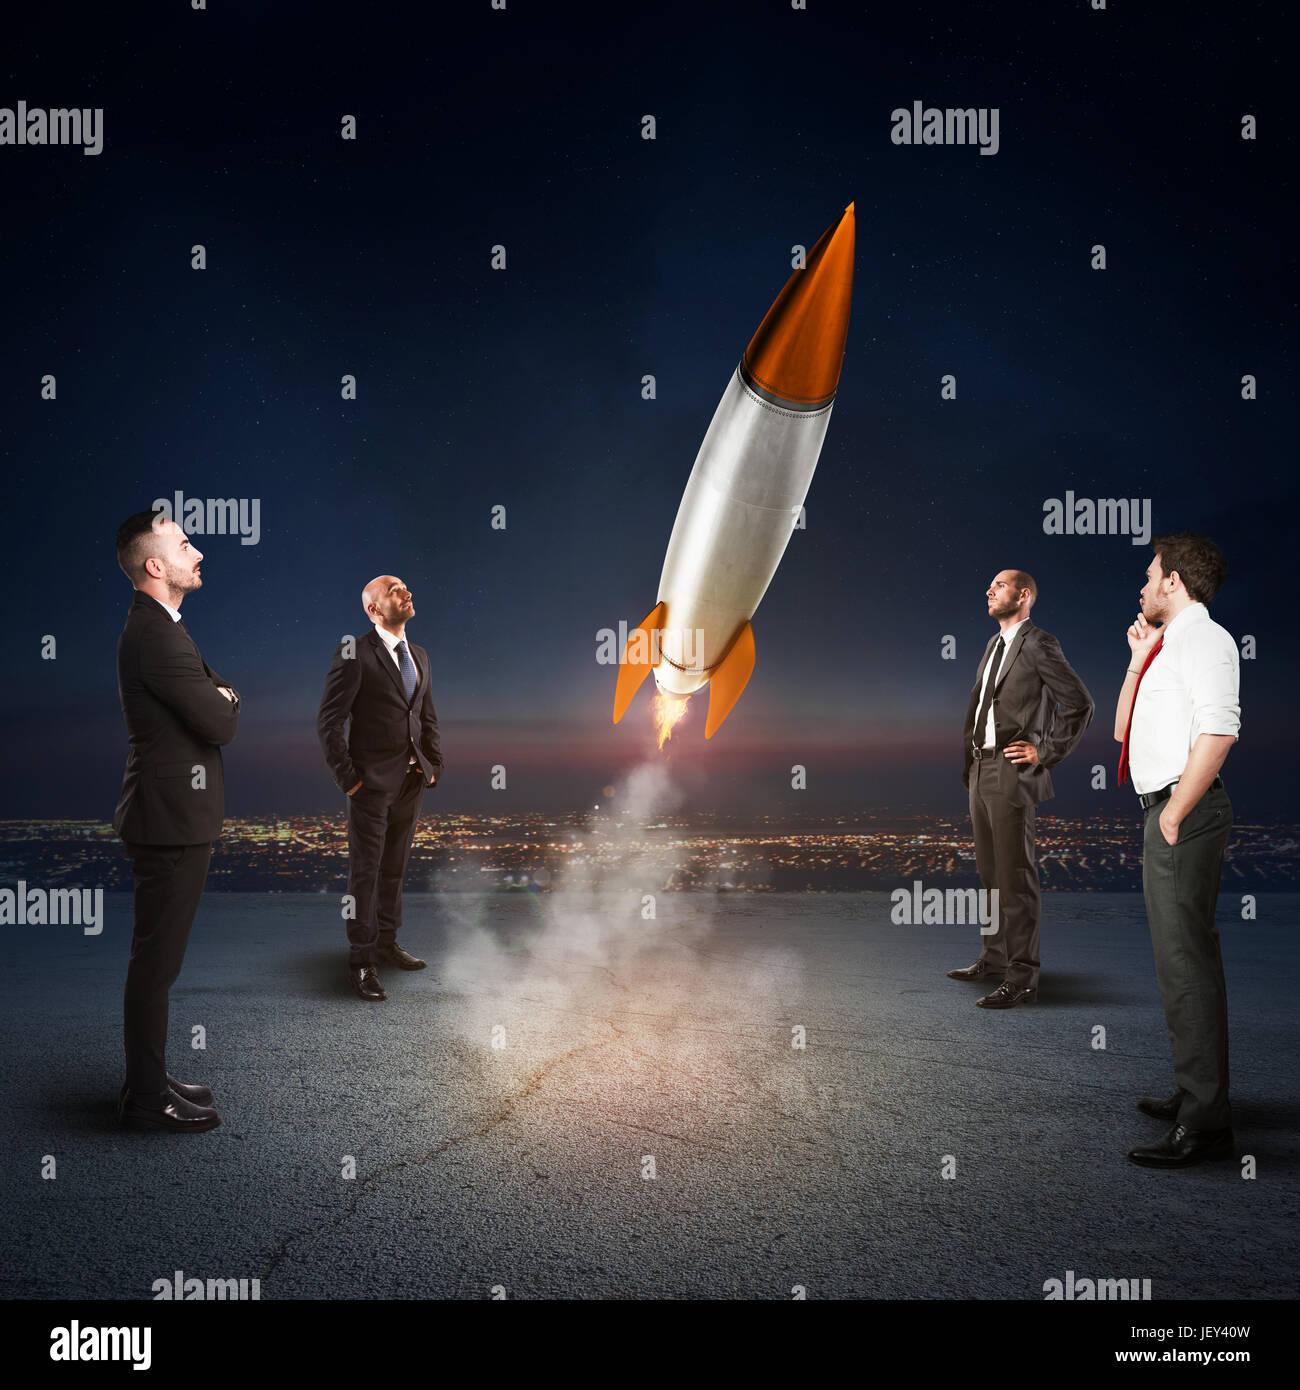 Equipo de empresarios espera iniciar un misil. Concepto de empresa y el inicio de nuevos negocios. 3D Rendering. Imagen De Stock